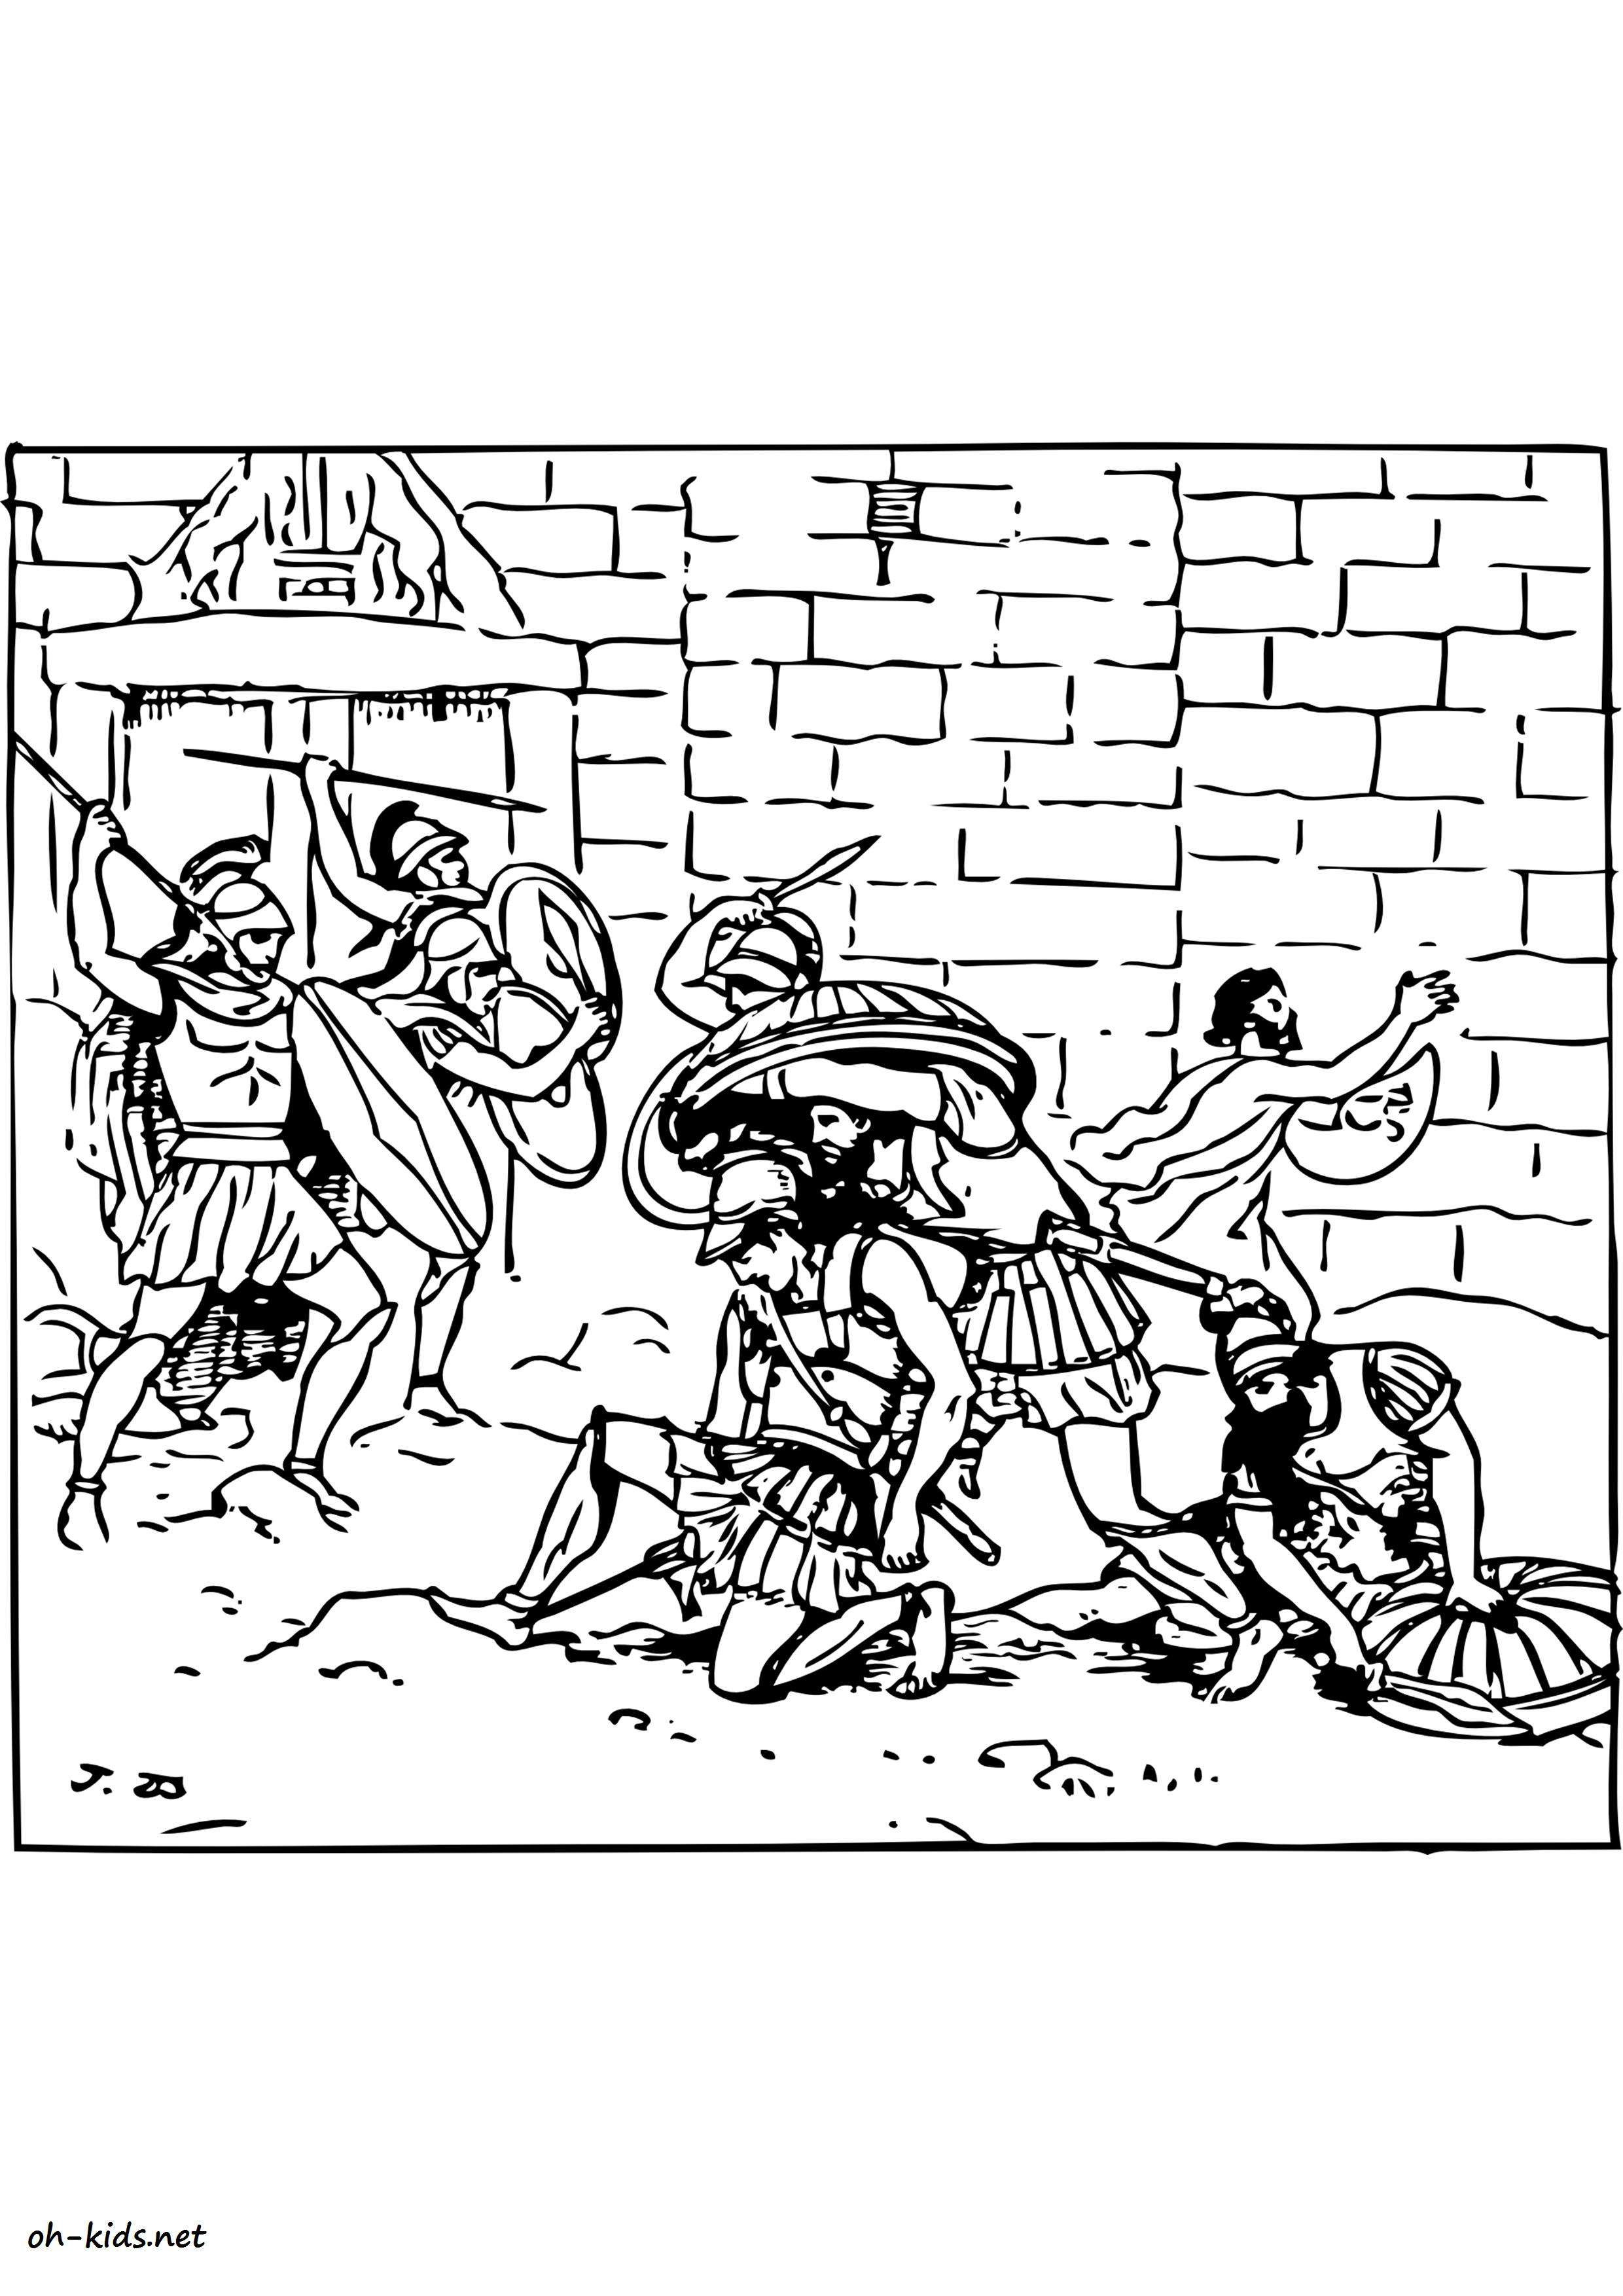 dessin gratuit de guerre a imprimer et colorier - Dessin #1185